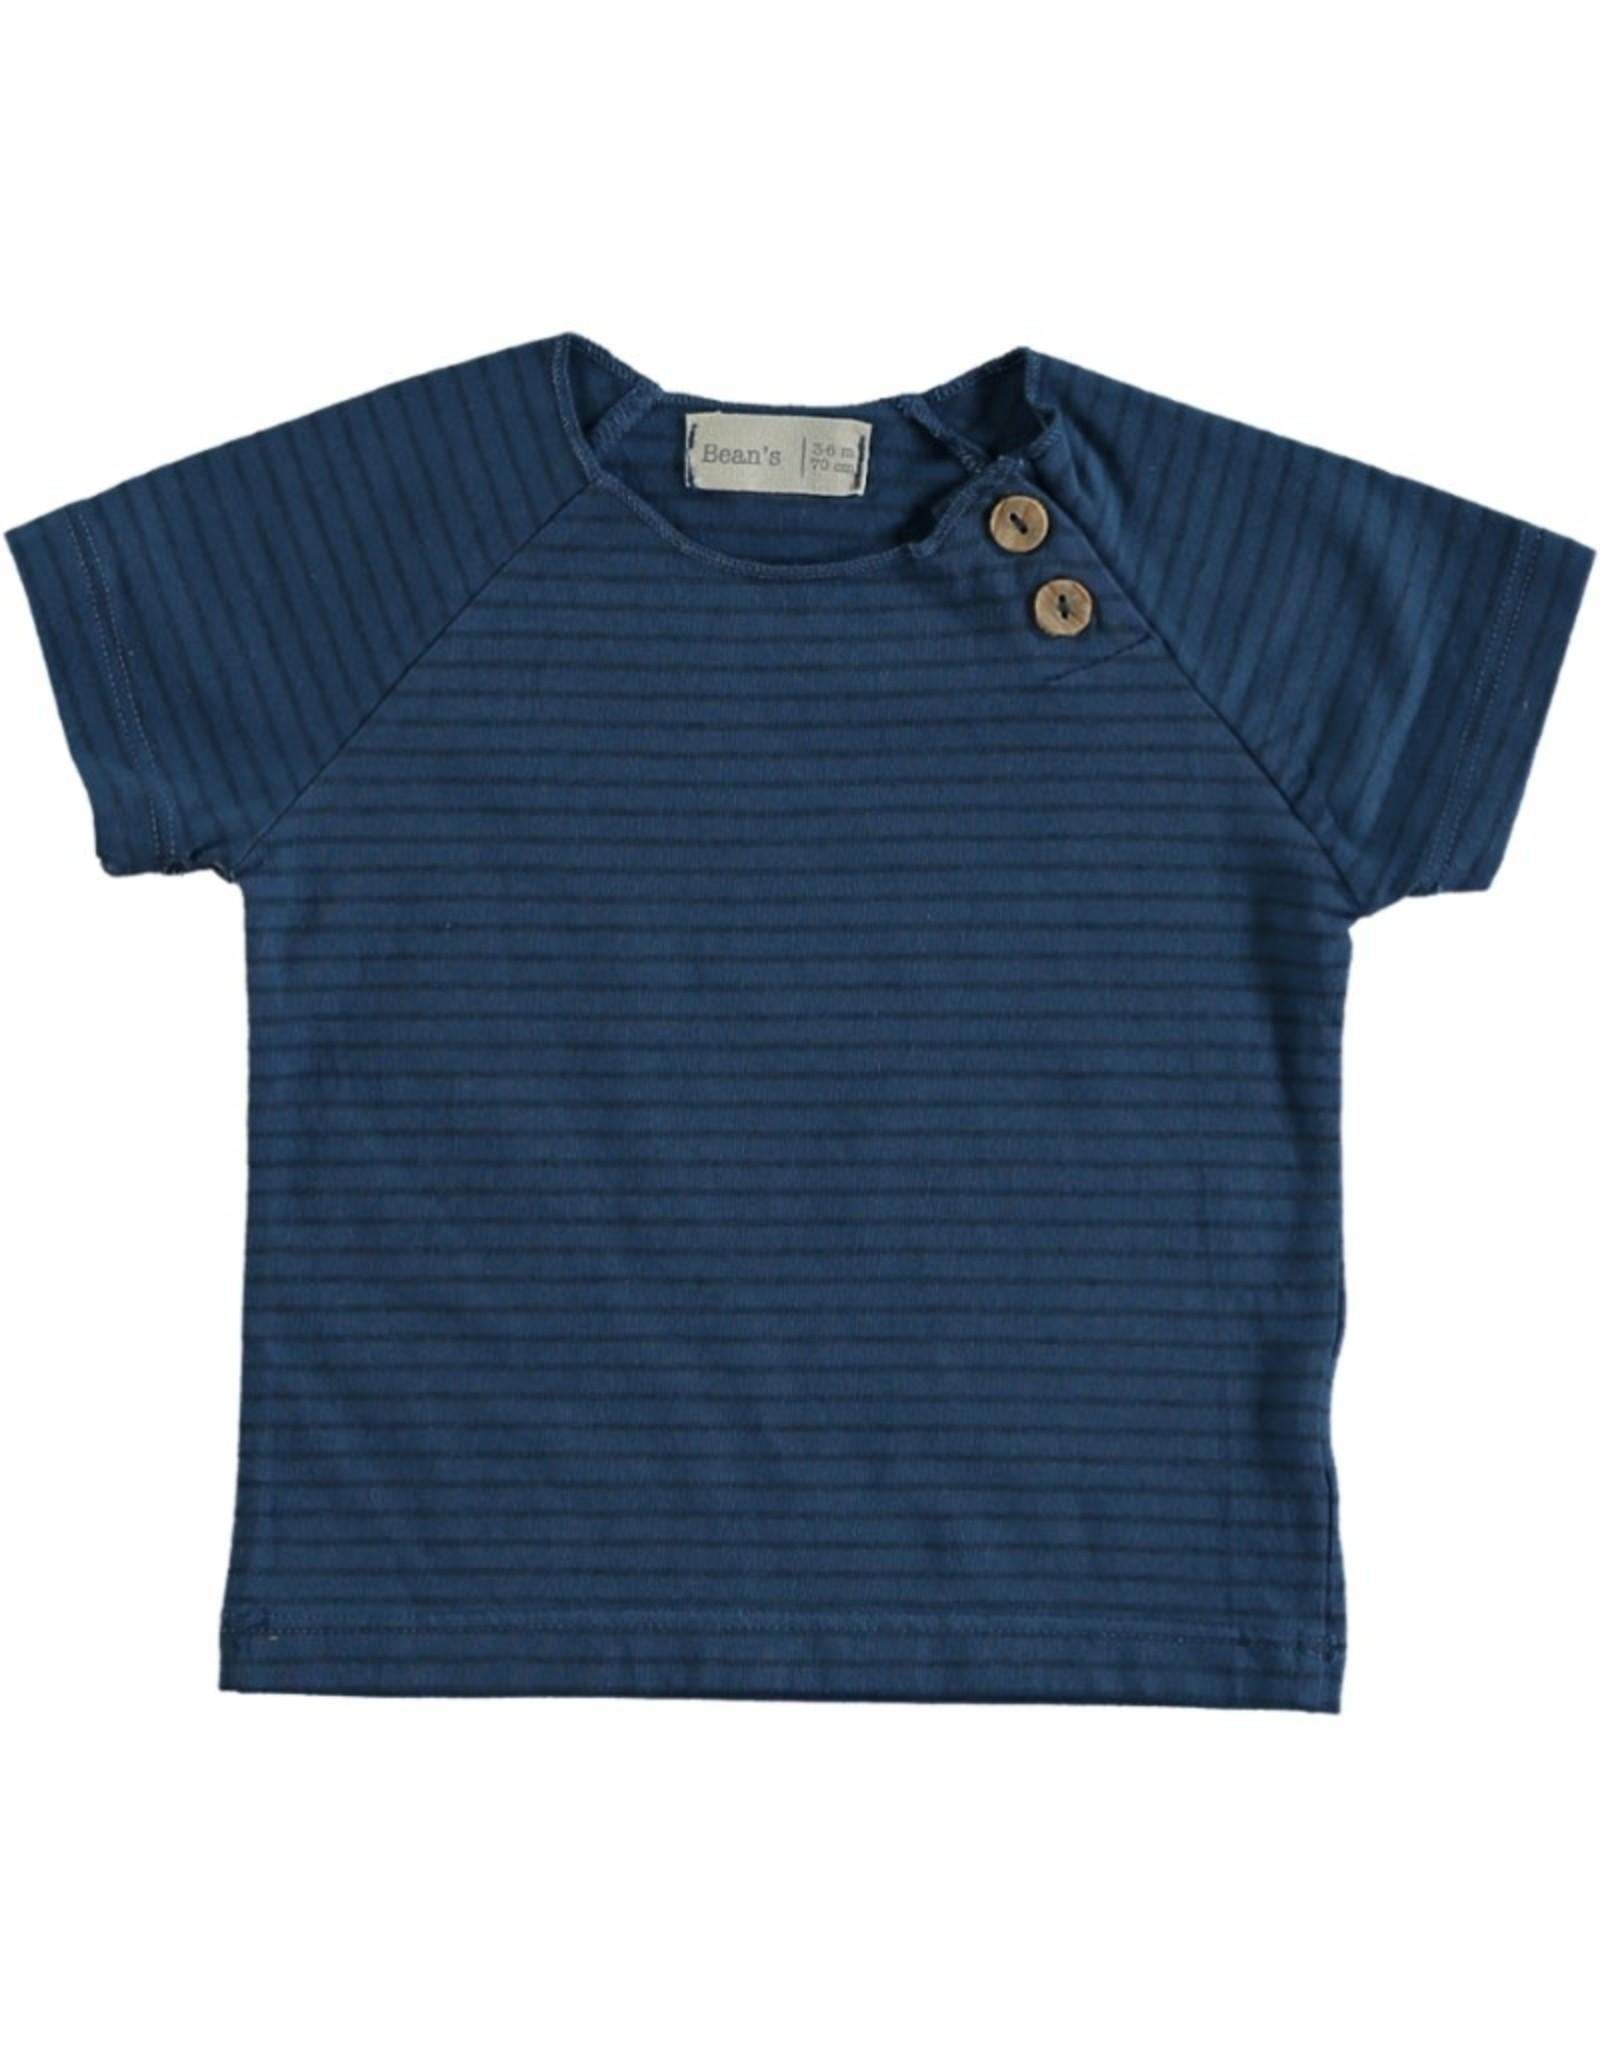 Beans Barcelona Beans Barcelona CLOWNFISH-Striped Jersey T-shirt Blue